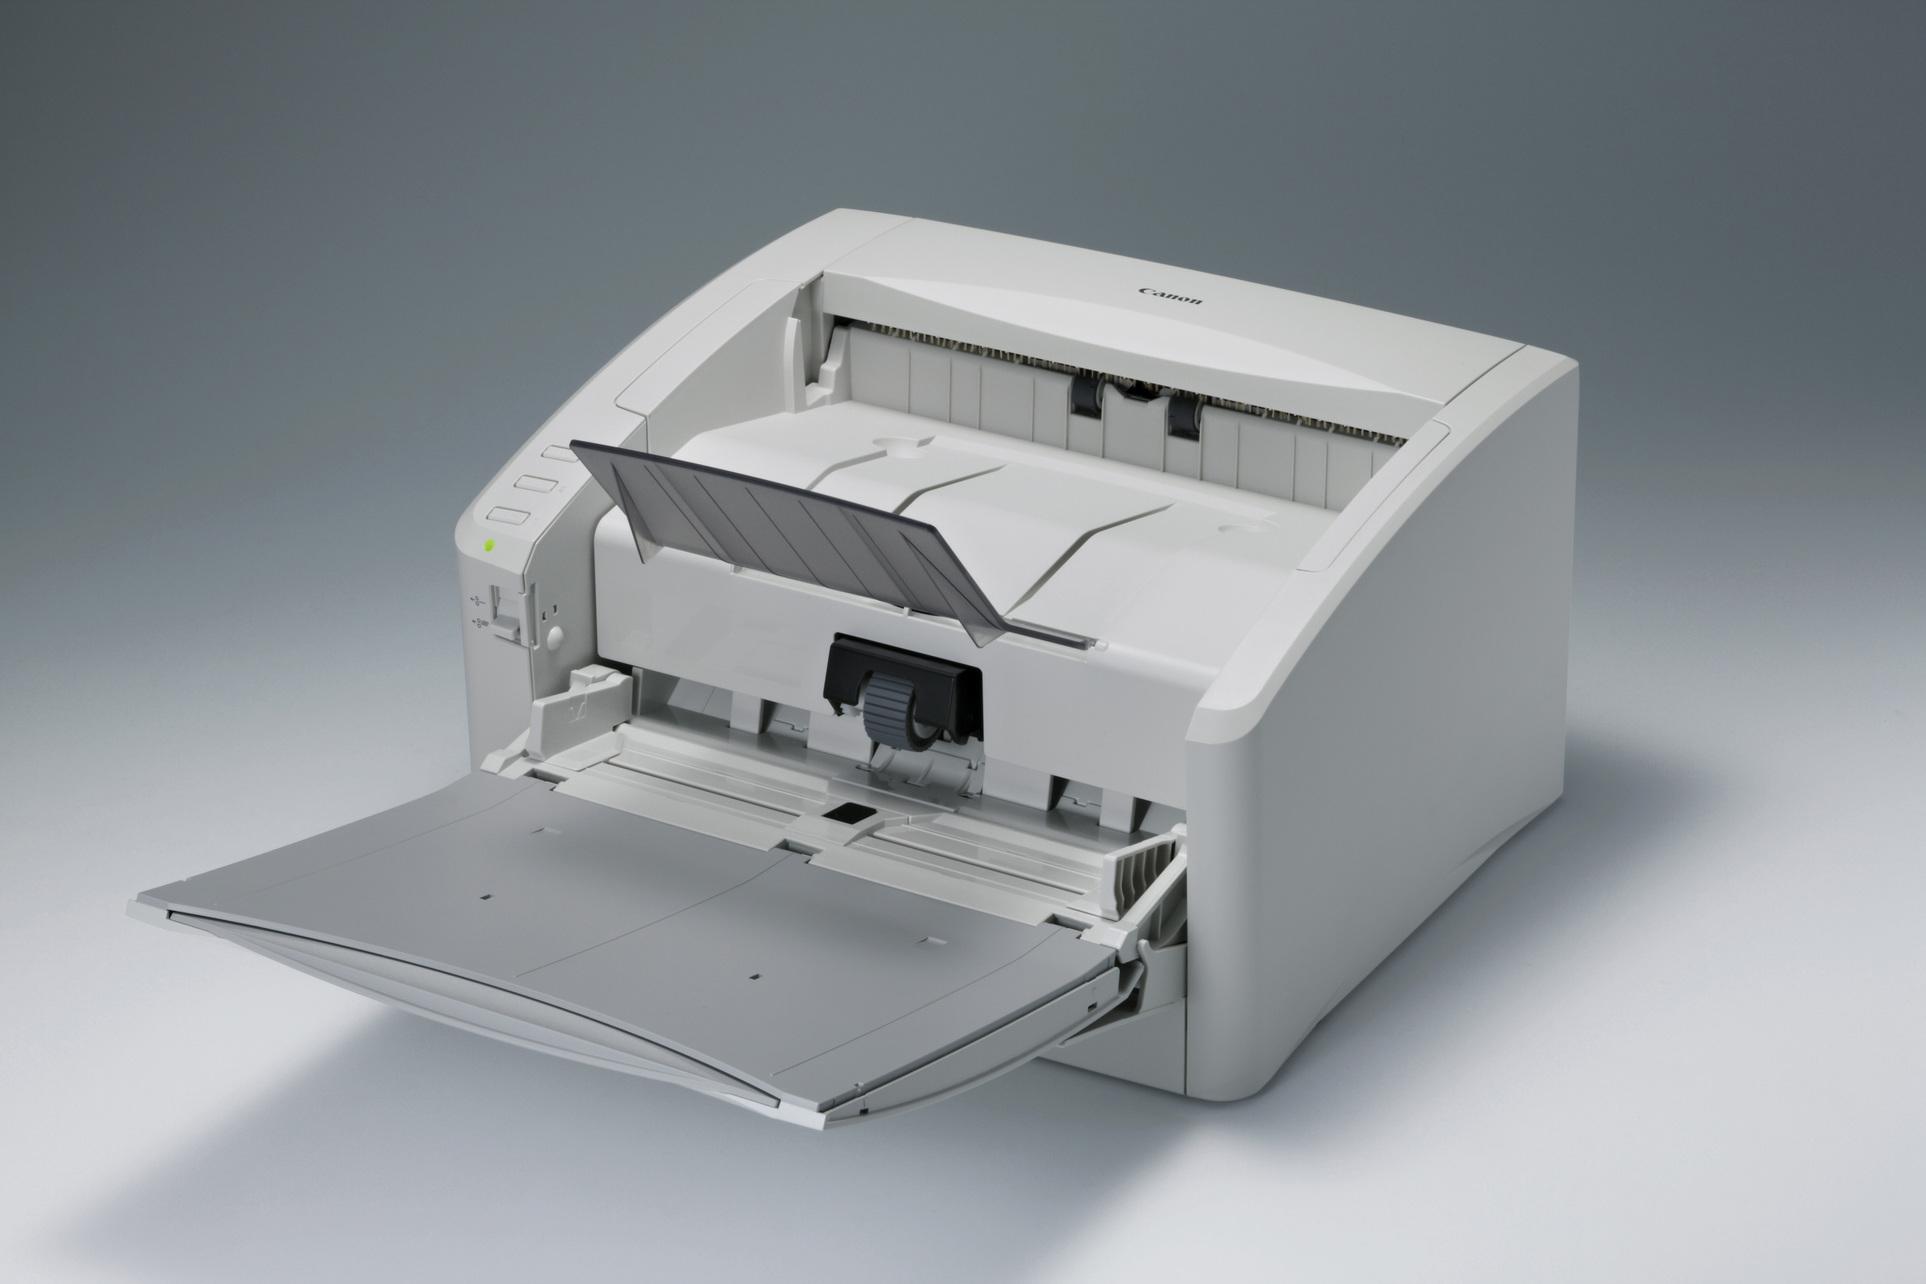 Canon DR-6010C imageFORMULA Scanner DR-6010C imageFORMULA